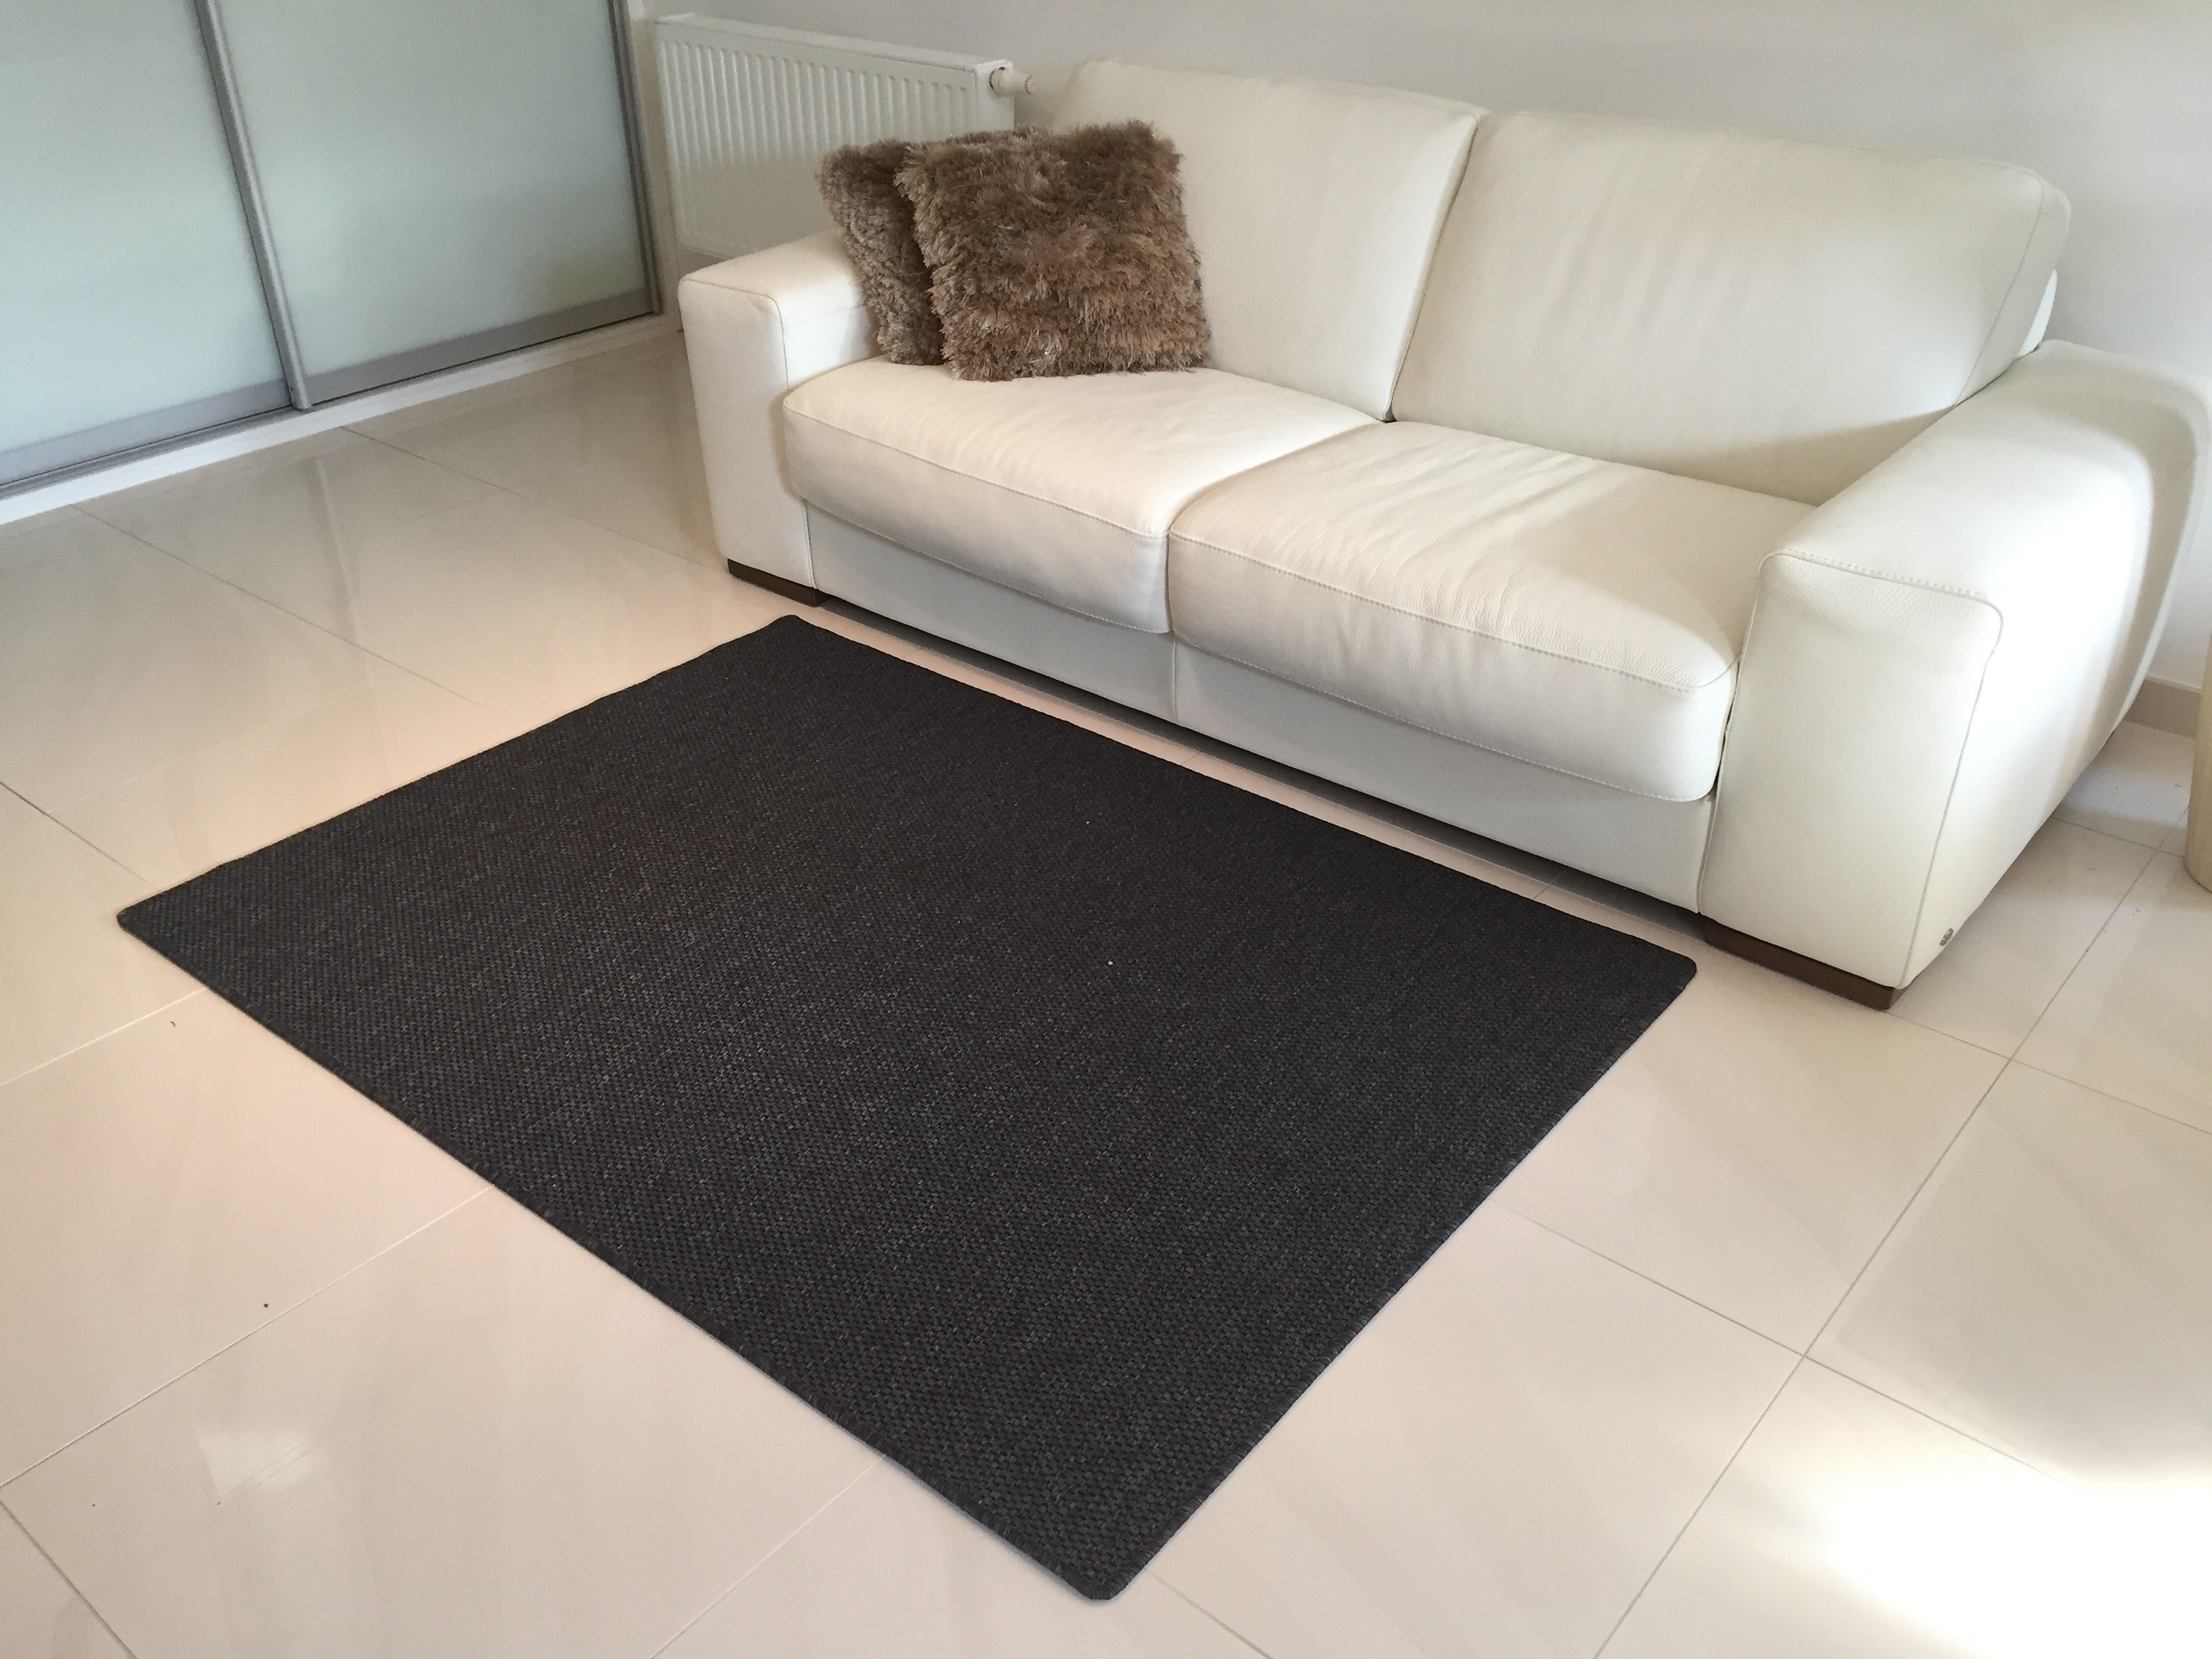 Vopi koberce Kusový koberec Nature antracit - 57x120 cm